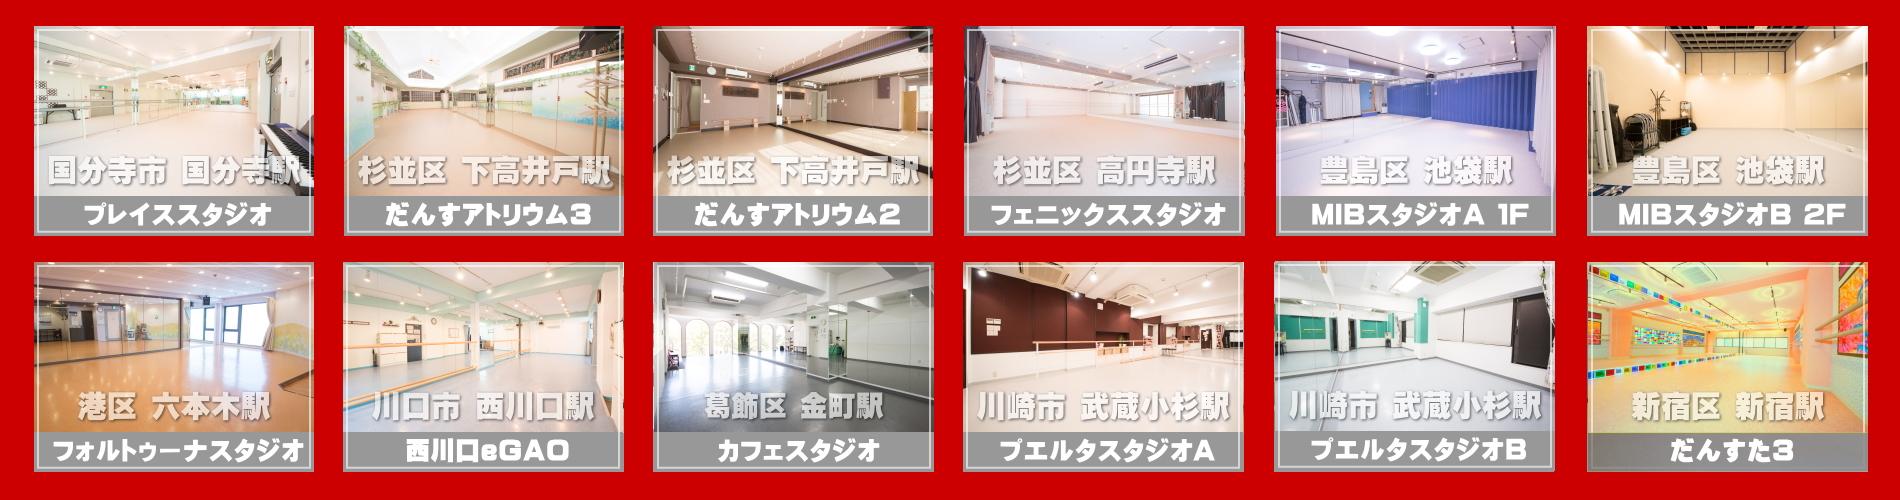 東京のレンタルスタジオ2